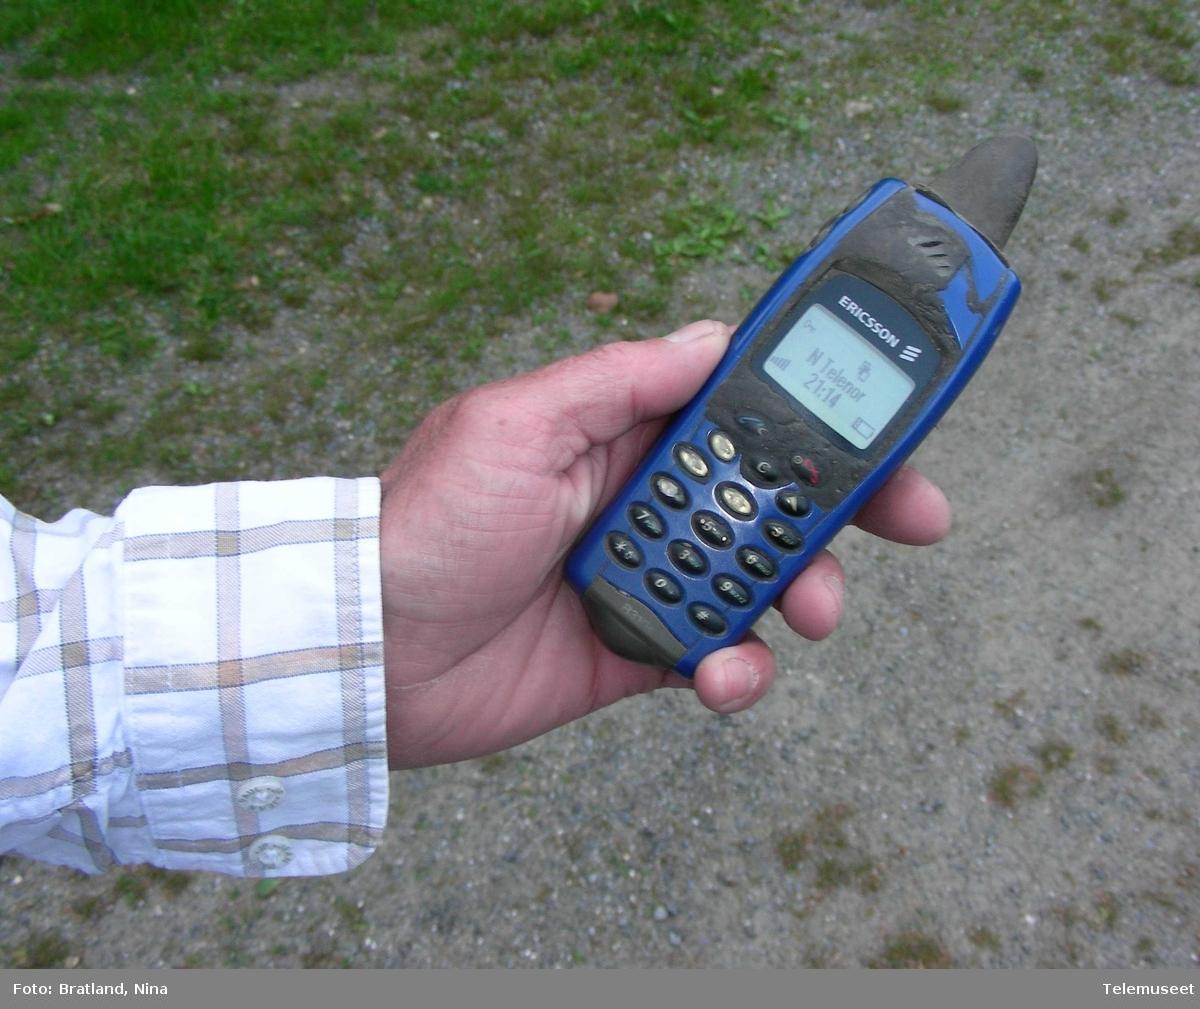 Mobiltelefoner Ericsson og Sony Ericsson